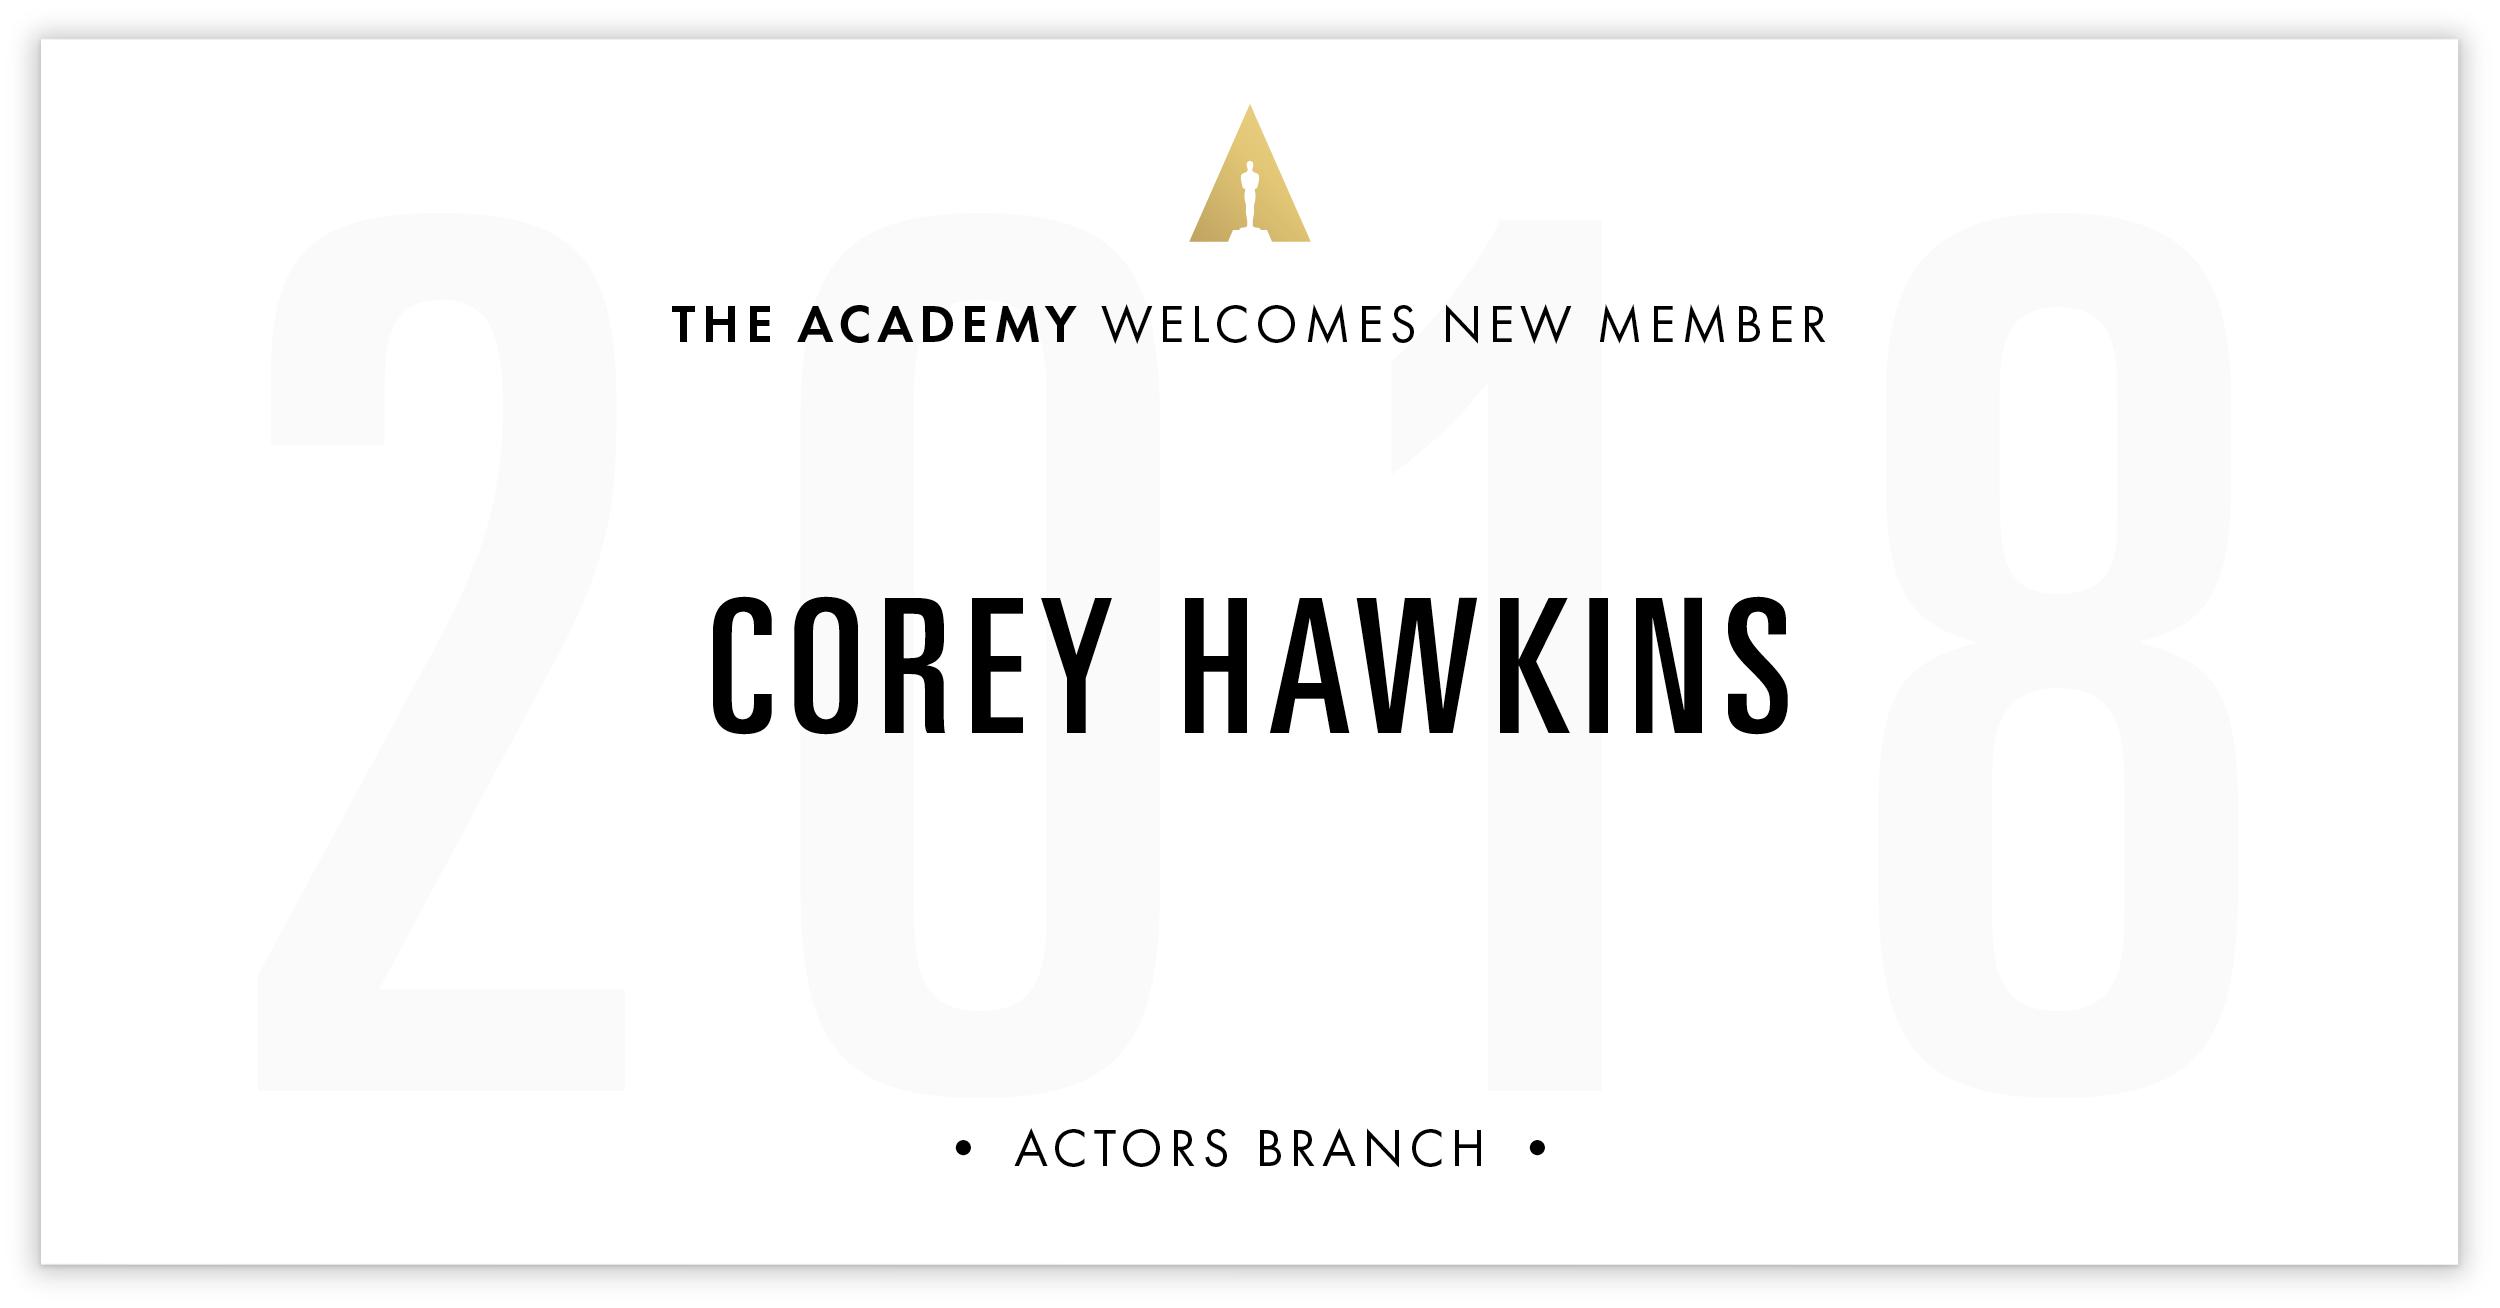 Corey Hawkins is invited!